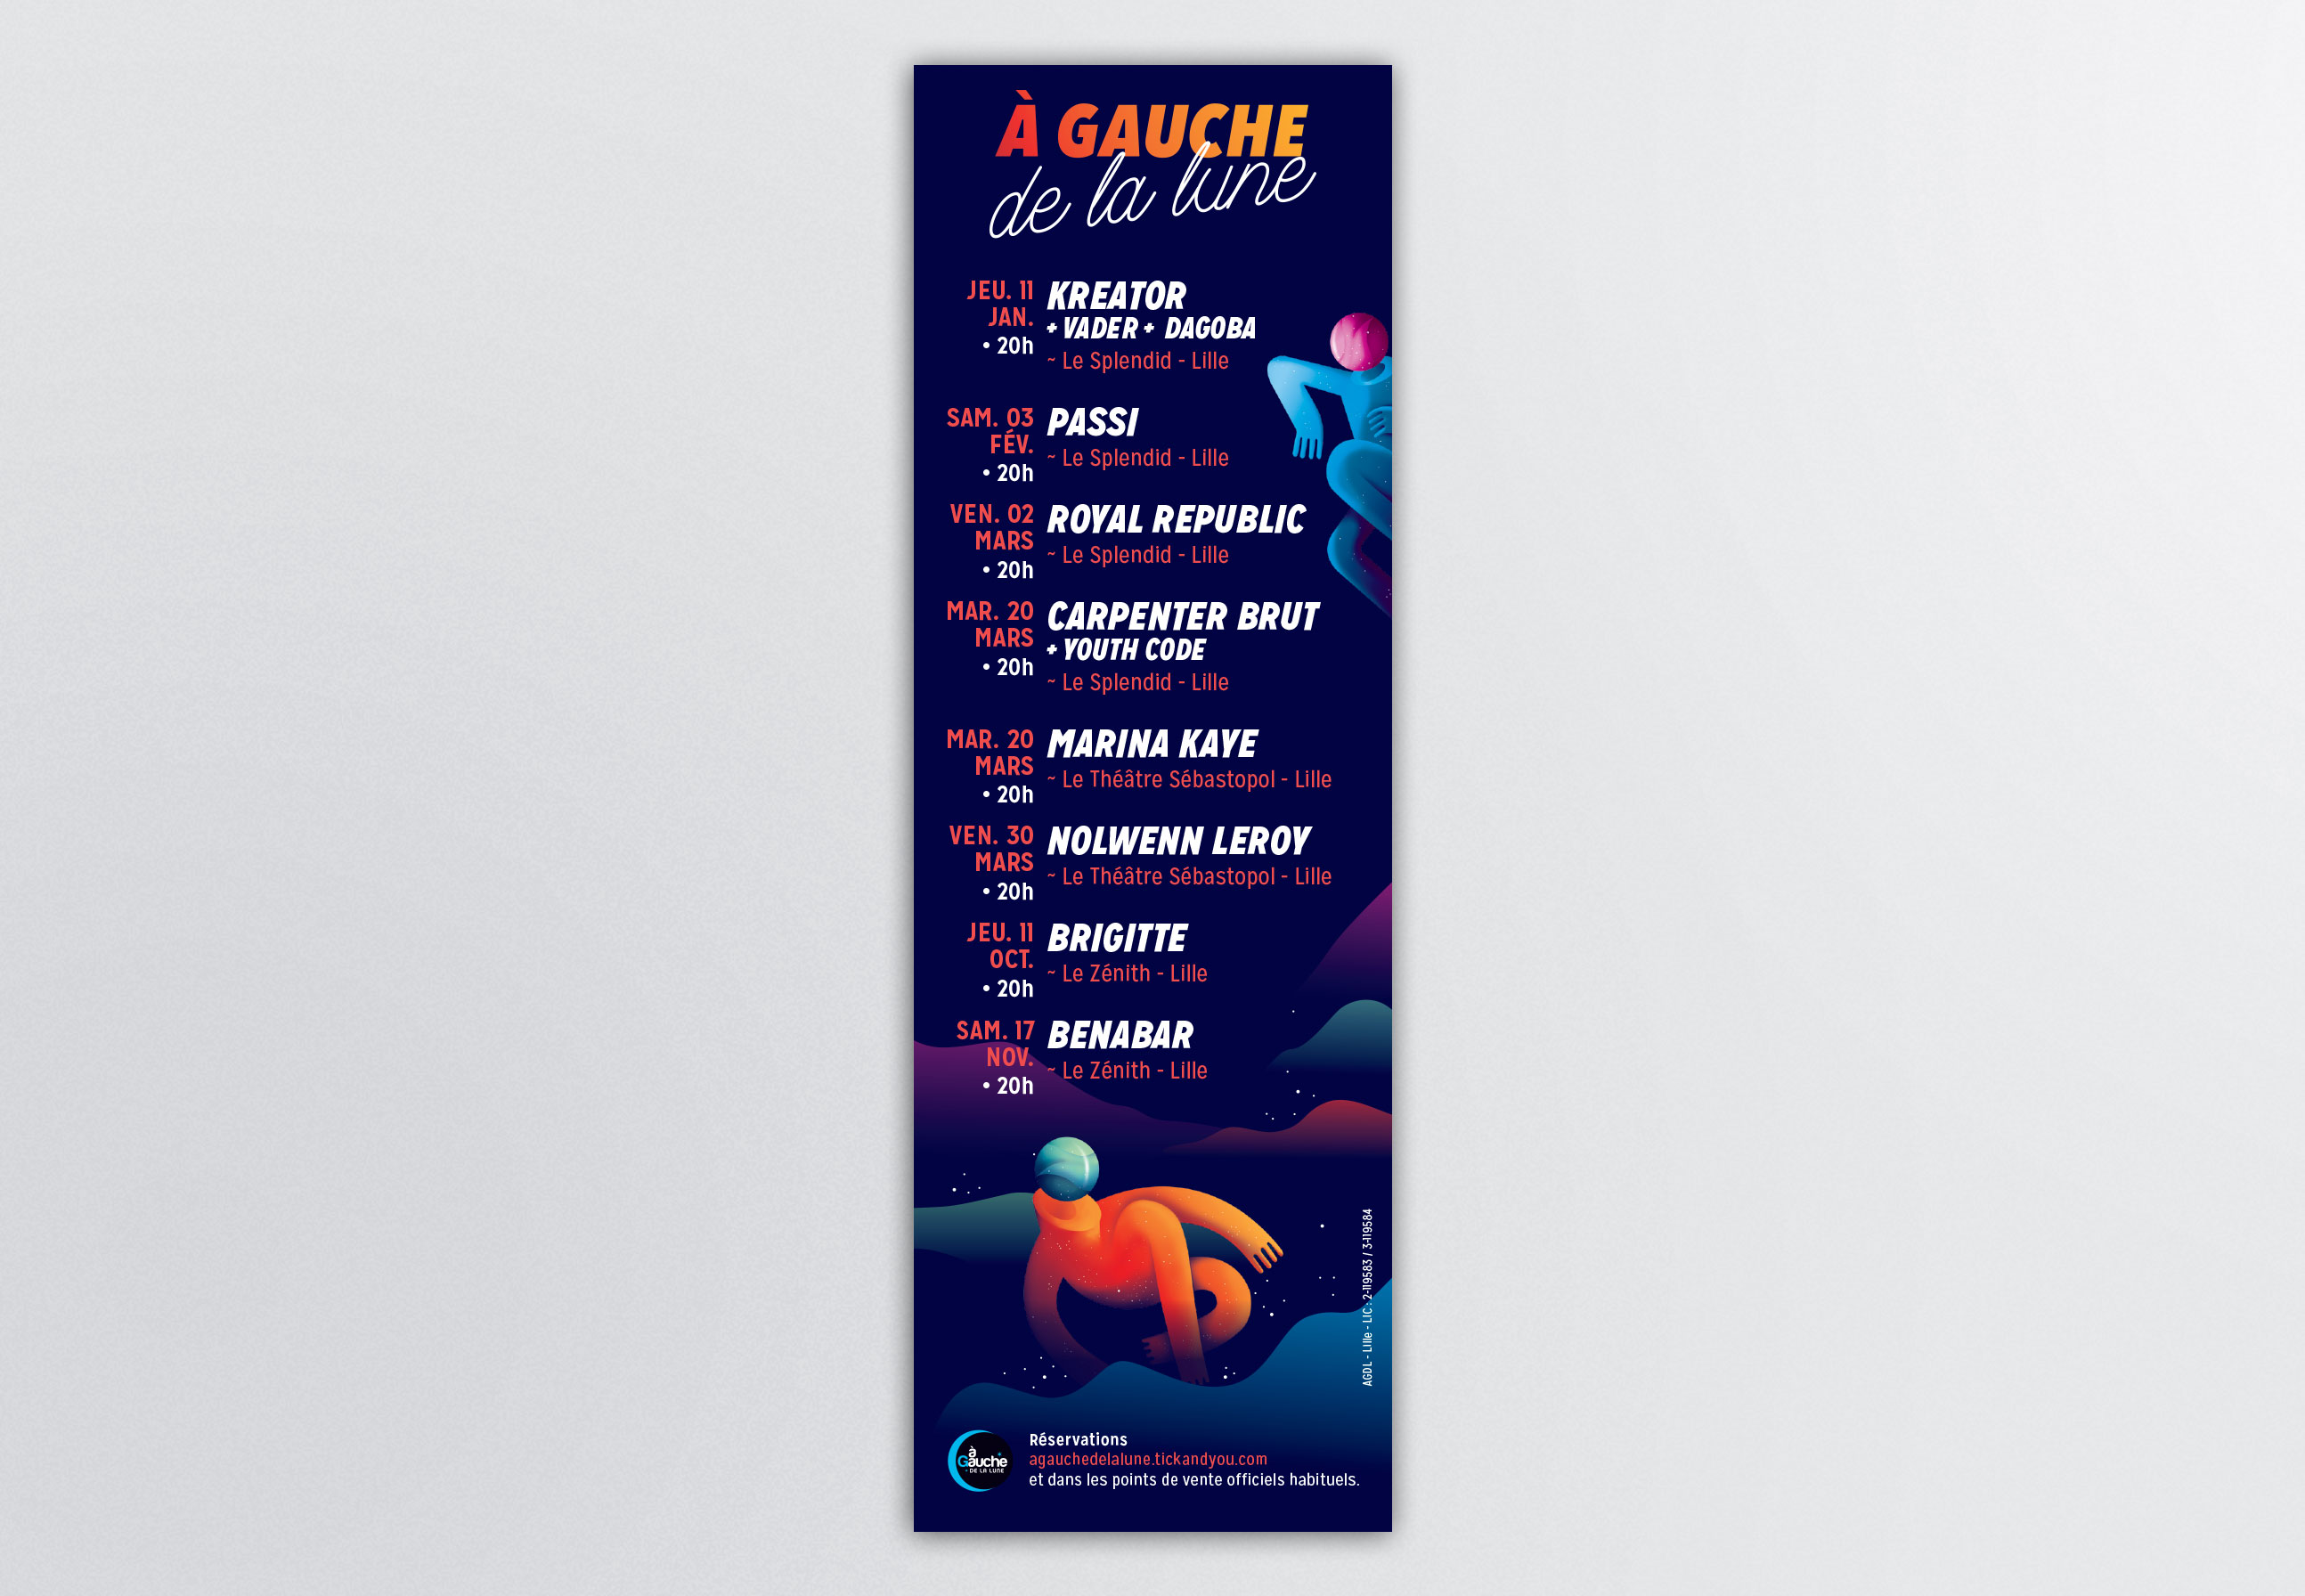 agdl_2018_parallele_graphique_03